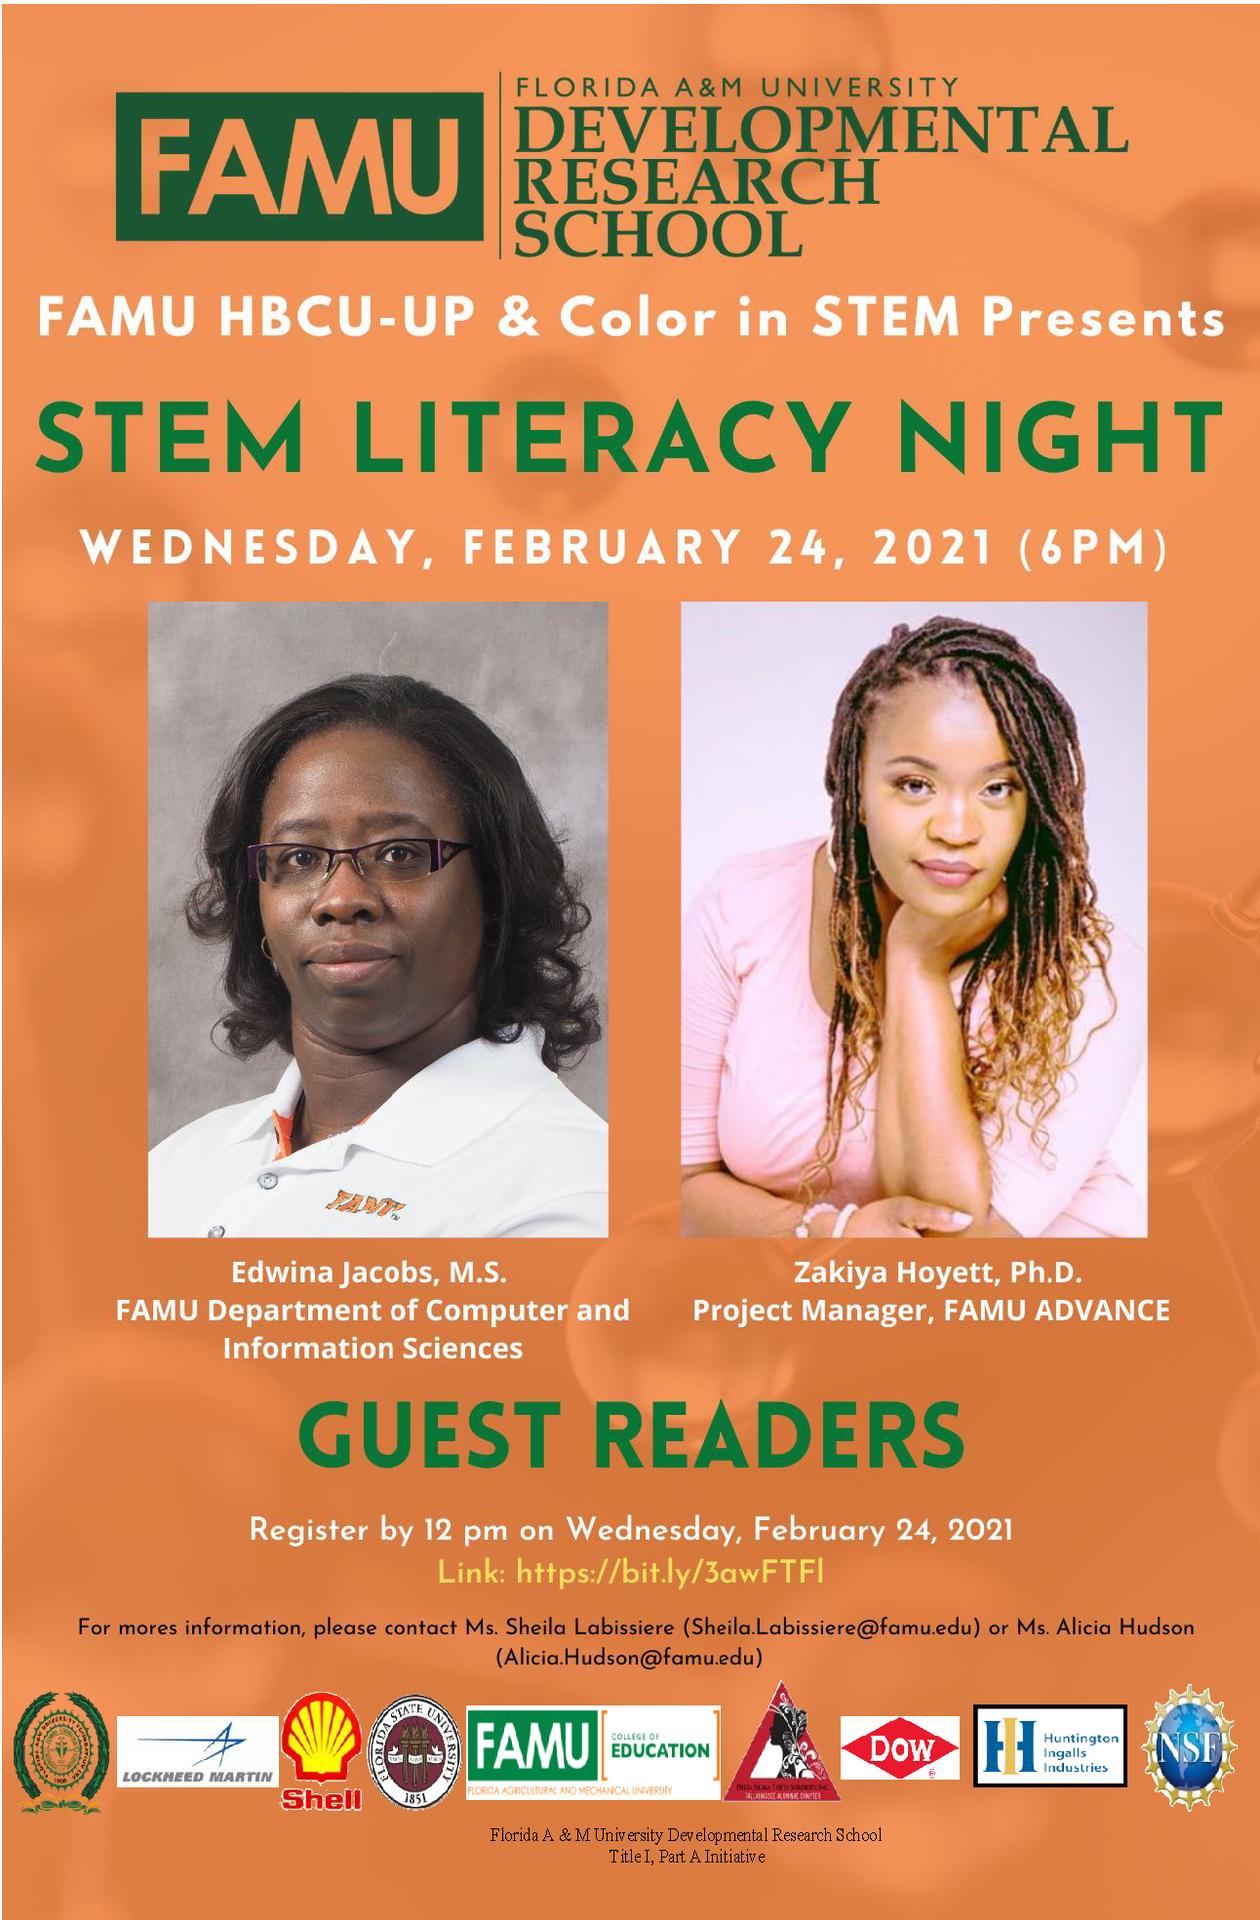 STEM Literacy Night 2 Flyer (2.24.2021)